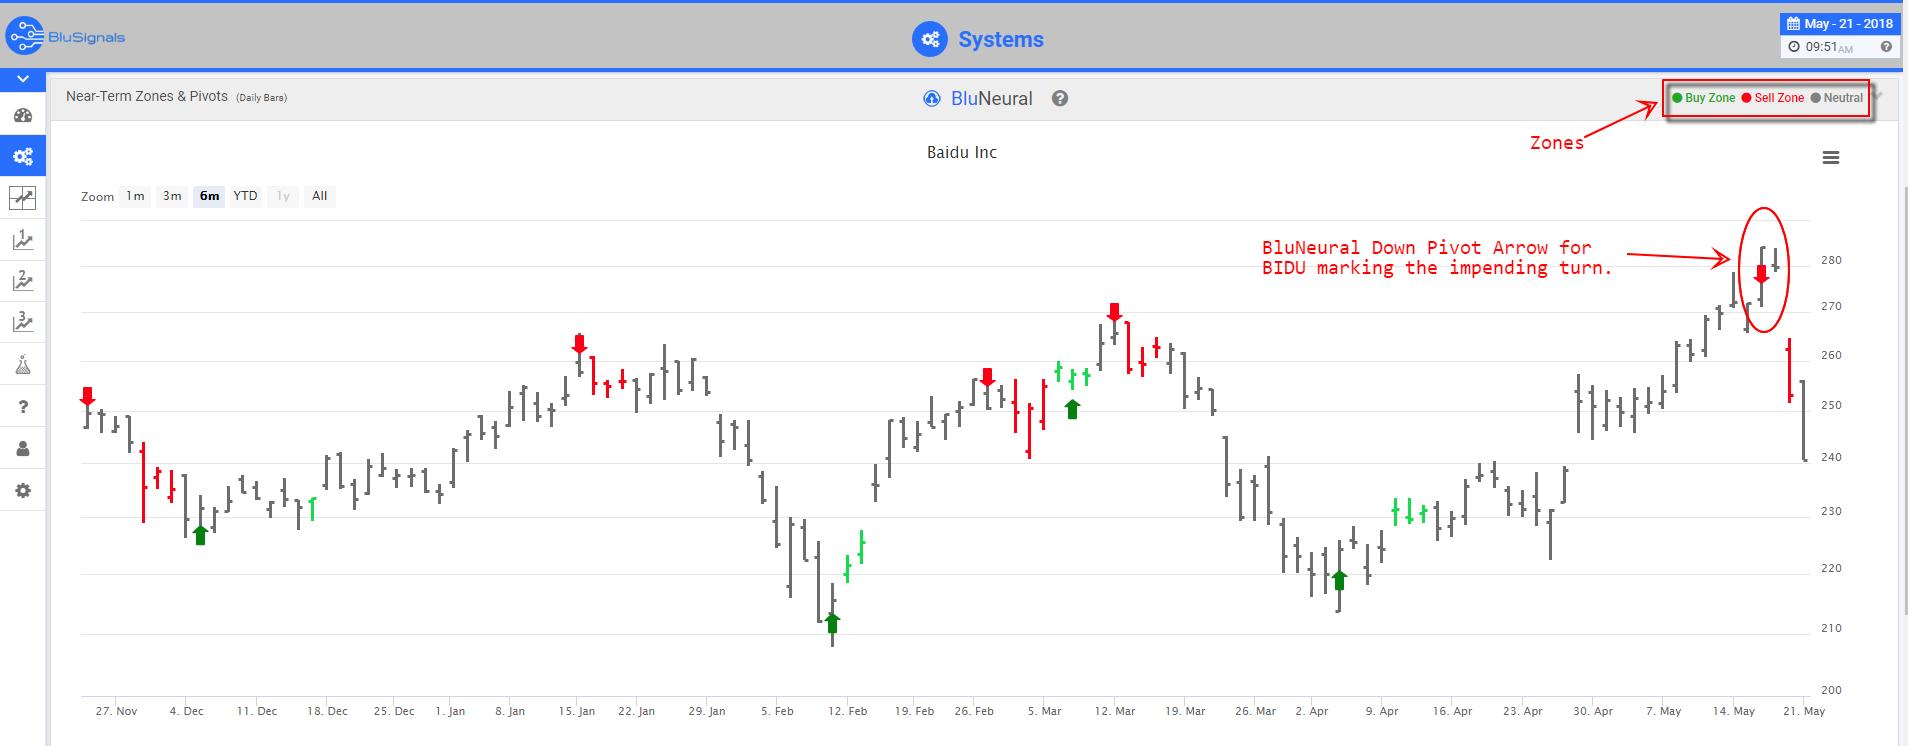 BIDU Trading Signals